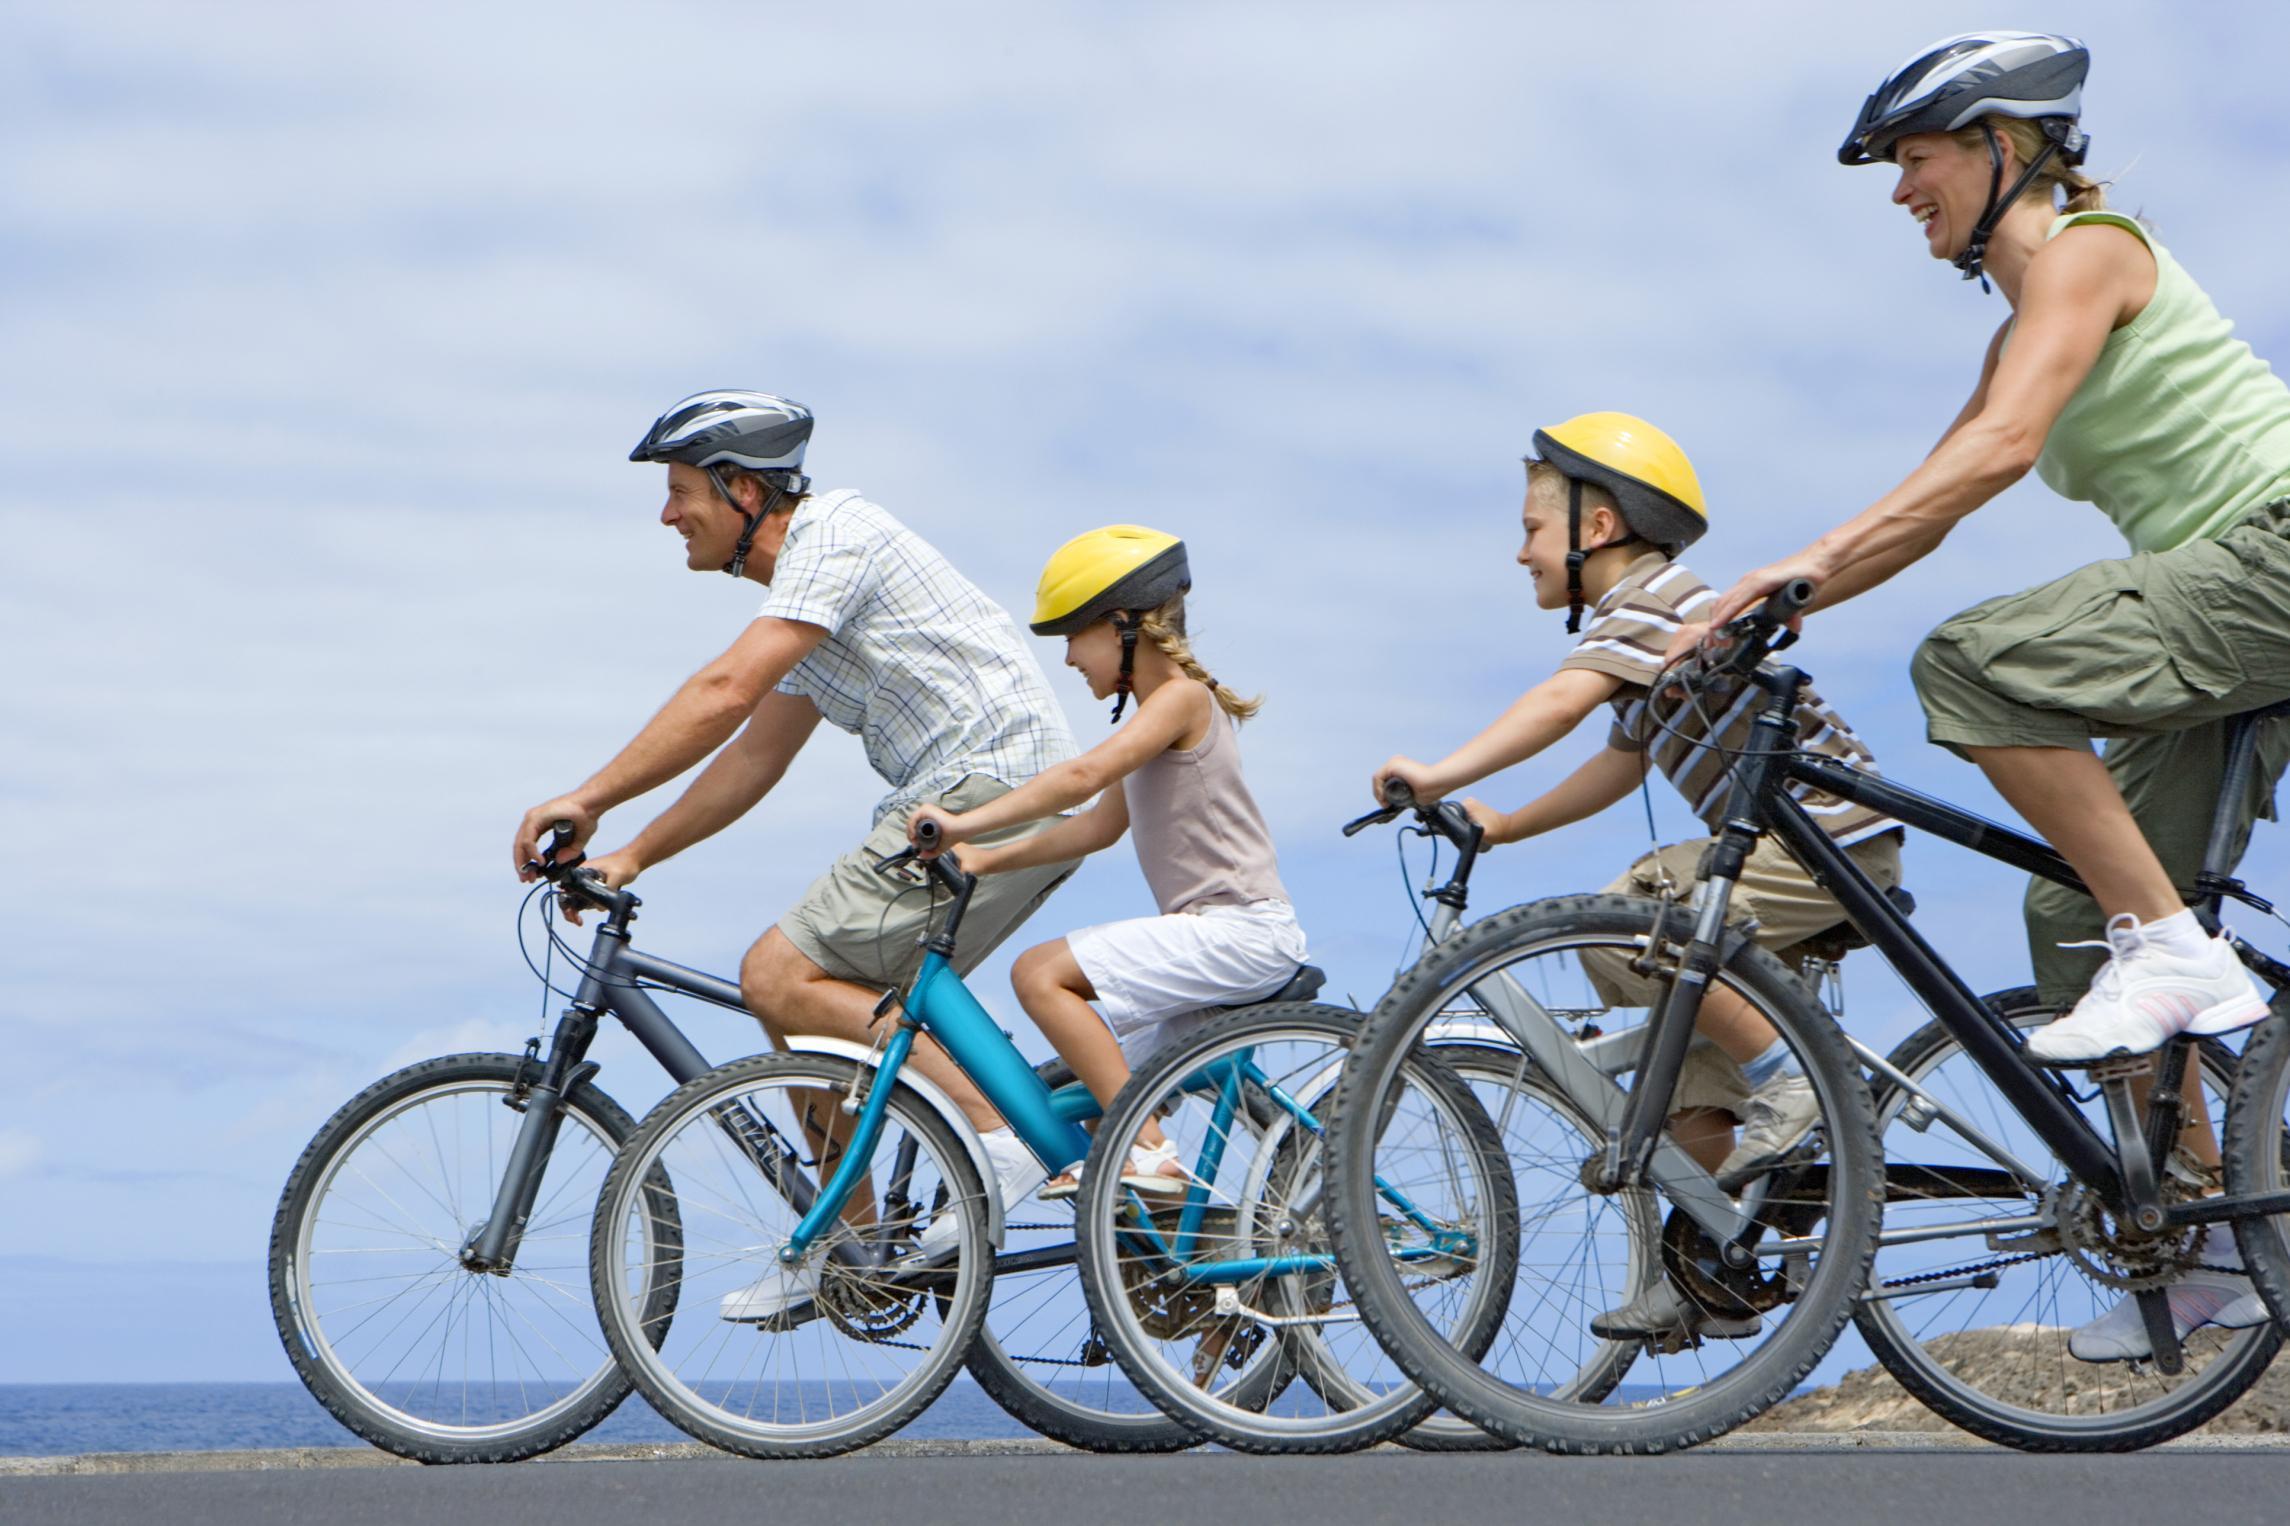 Os Benefícios de Andar de Bicicleta: Saúde, Esporte, Ecologia e Economia